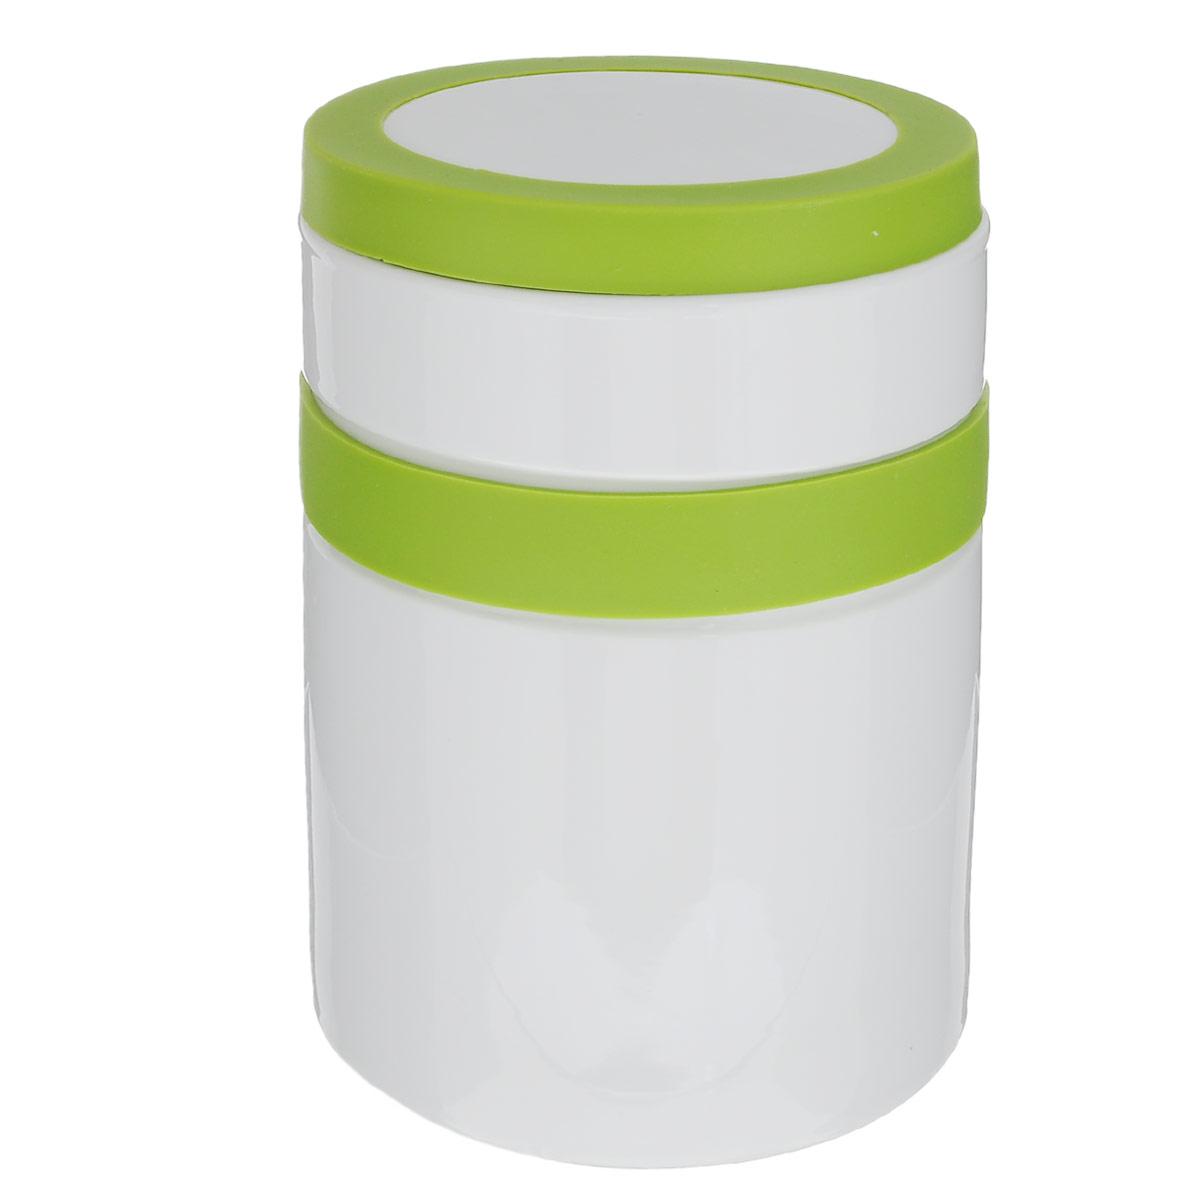 Банка для сыпучих продуктов House & Holder, цвет: салатовый, 0,825 лVT-1520(SR)Банка для сыпучих продуктов House & Holder изготовлена из прочной керамики и оснащена плотно закрывающейся крышкой с силиконовой вставкой. Благодаря этому, внутри сохраняется герметичность, и продукты дольше остаются свежими. Изделие предназначено для хранения различных сыпучих продуктов: круп, чая, сахара, орехов, специй и другого. Функциональная и вместительная, такая банка станет незаменимым аксессуаром на любой кухне.